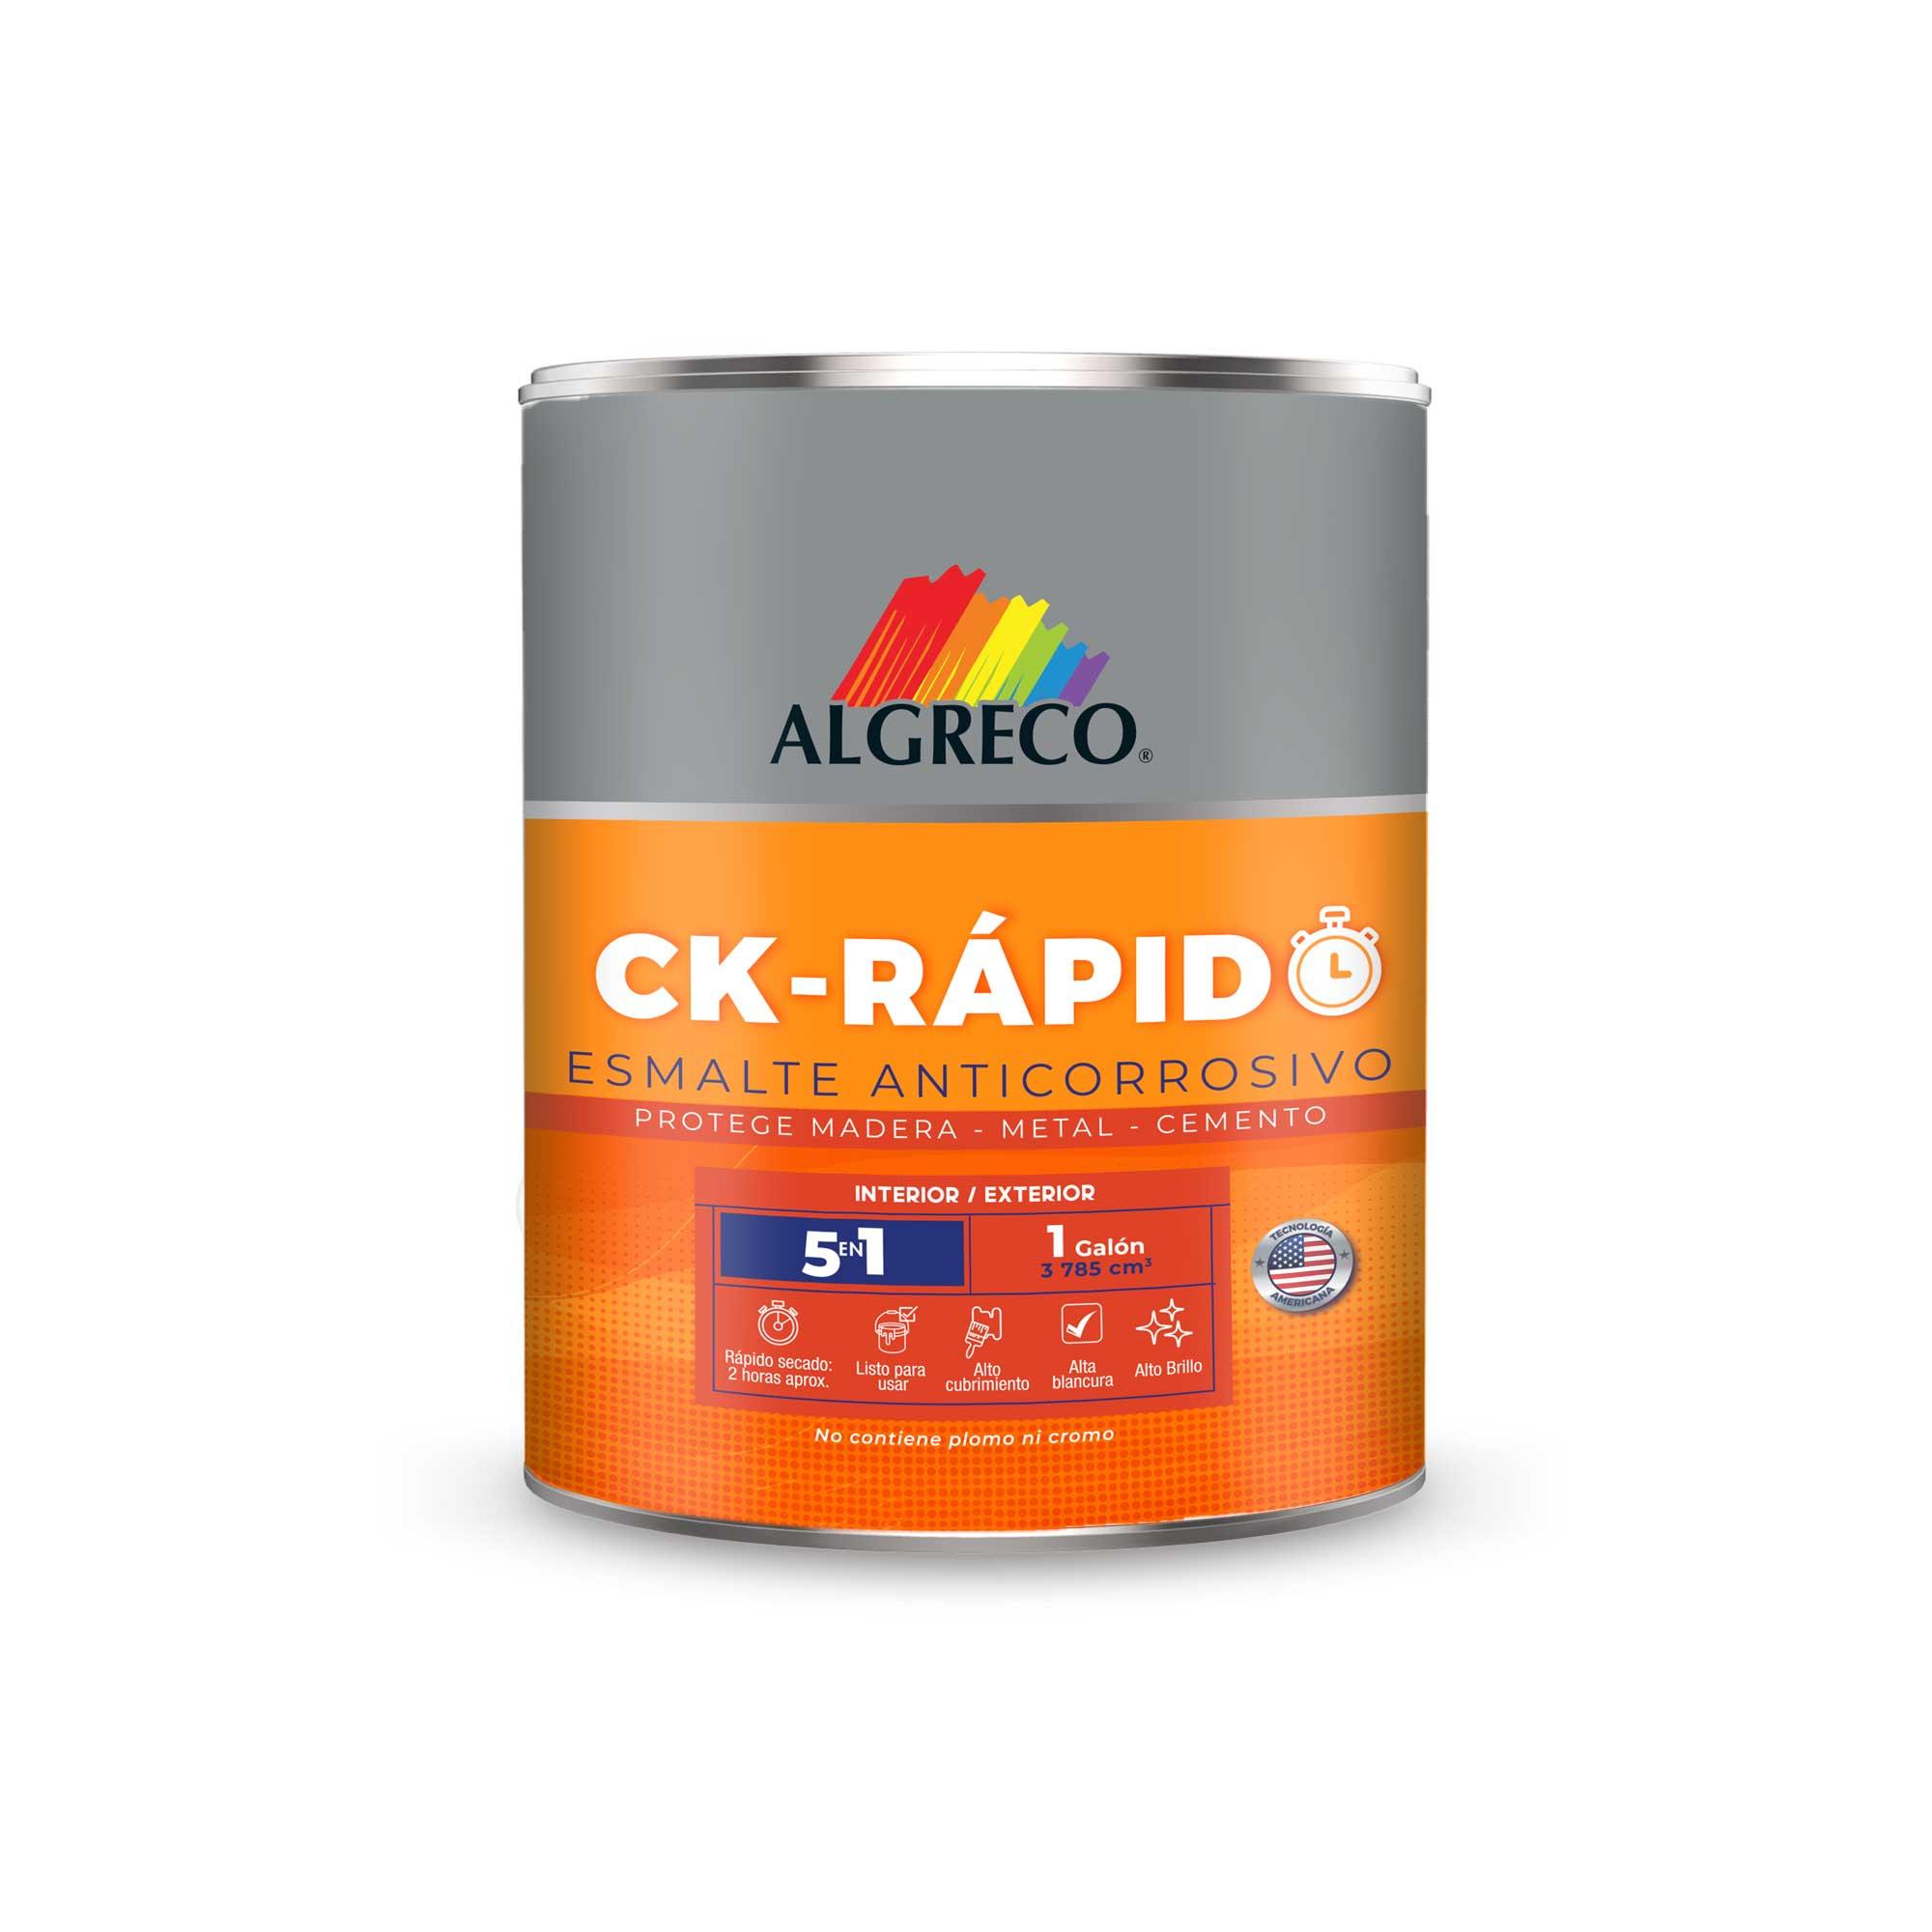 Imagen del nuevo esmalte CK Rápido Algreco